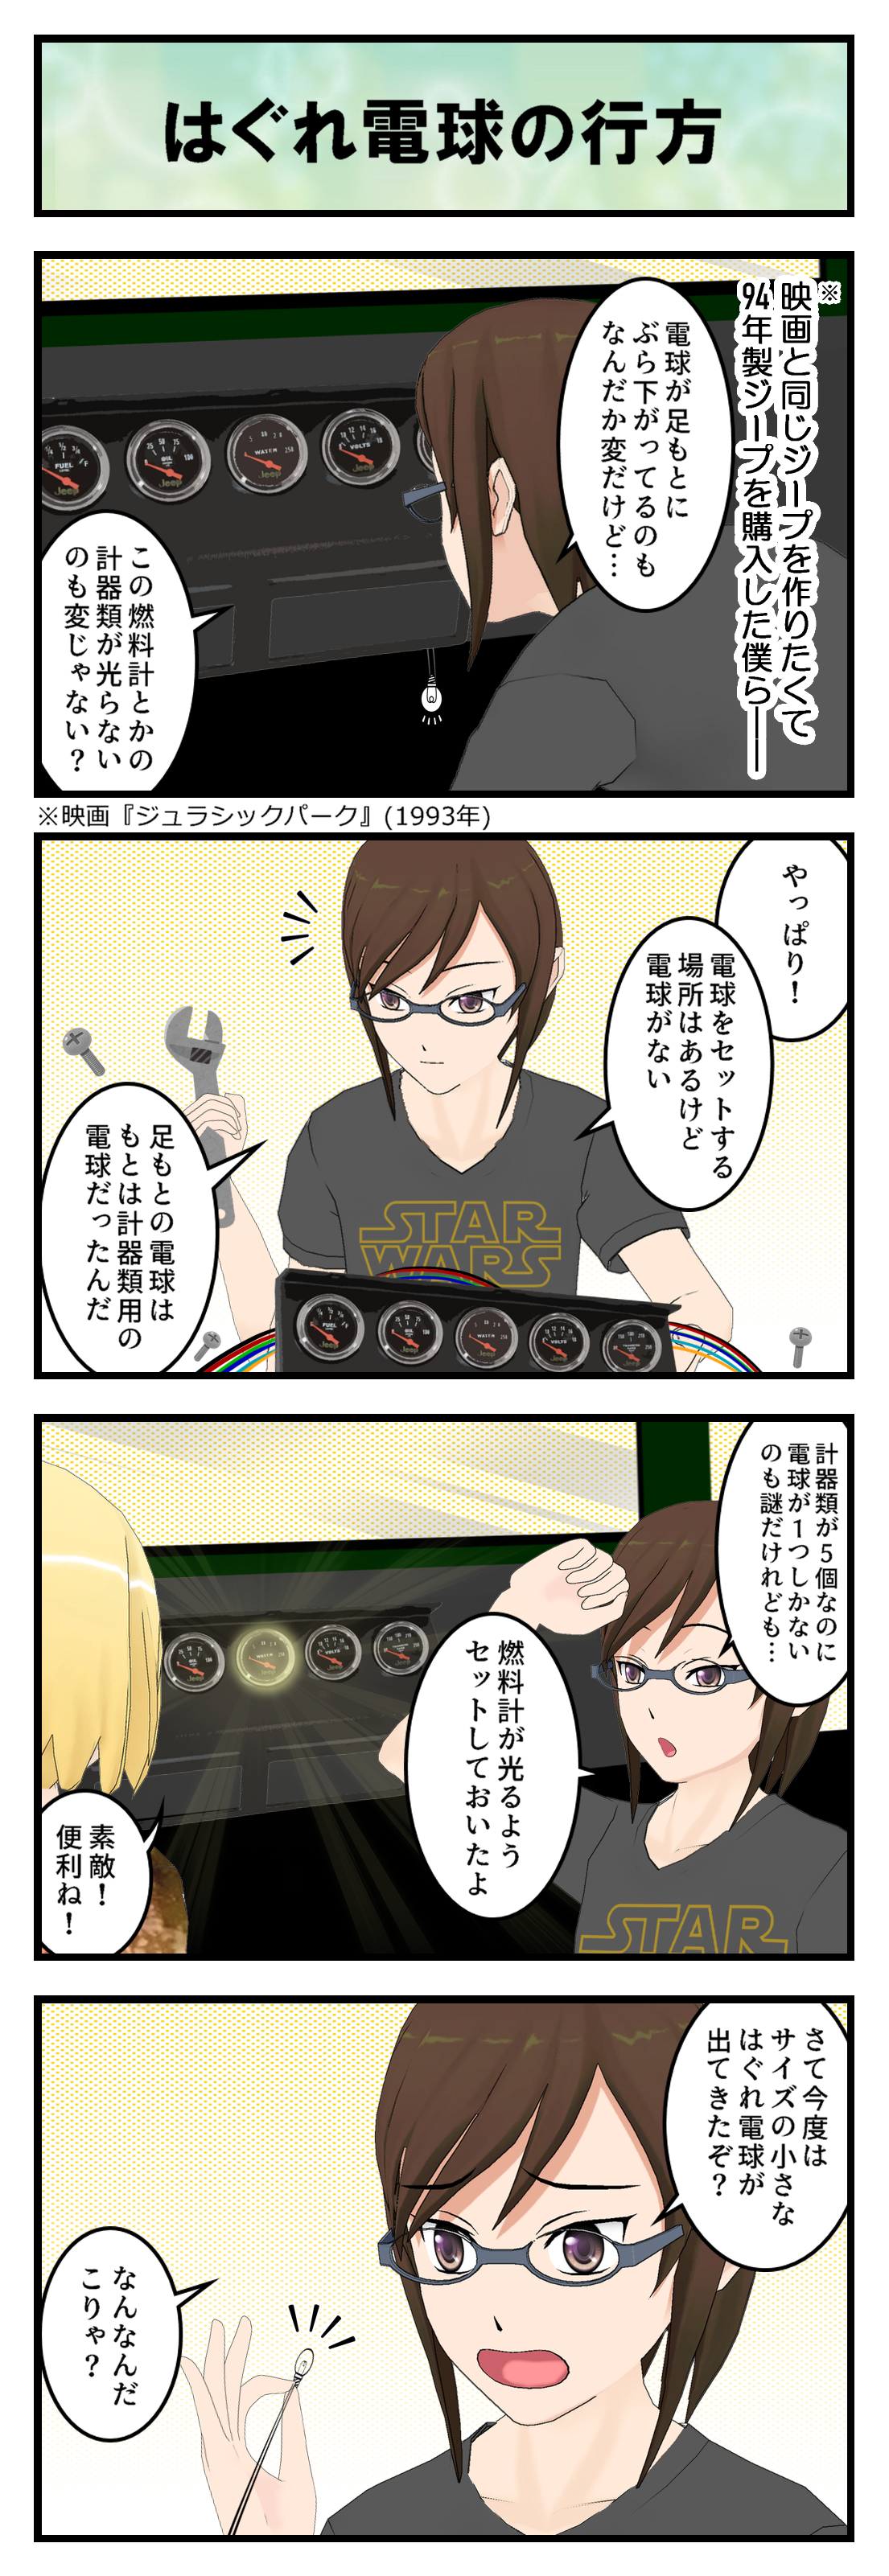 R766_ぶら下がりライト2_001